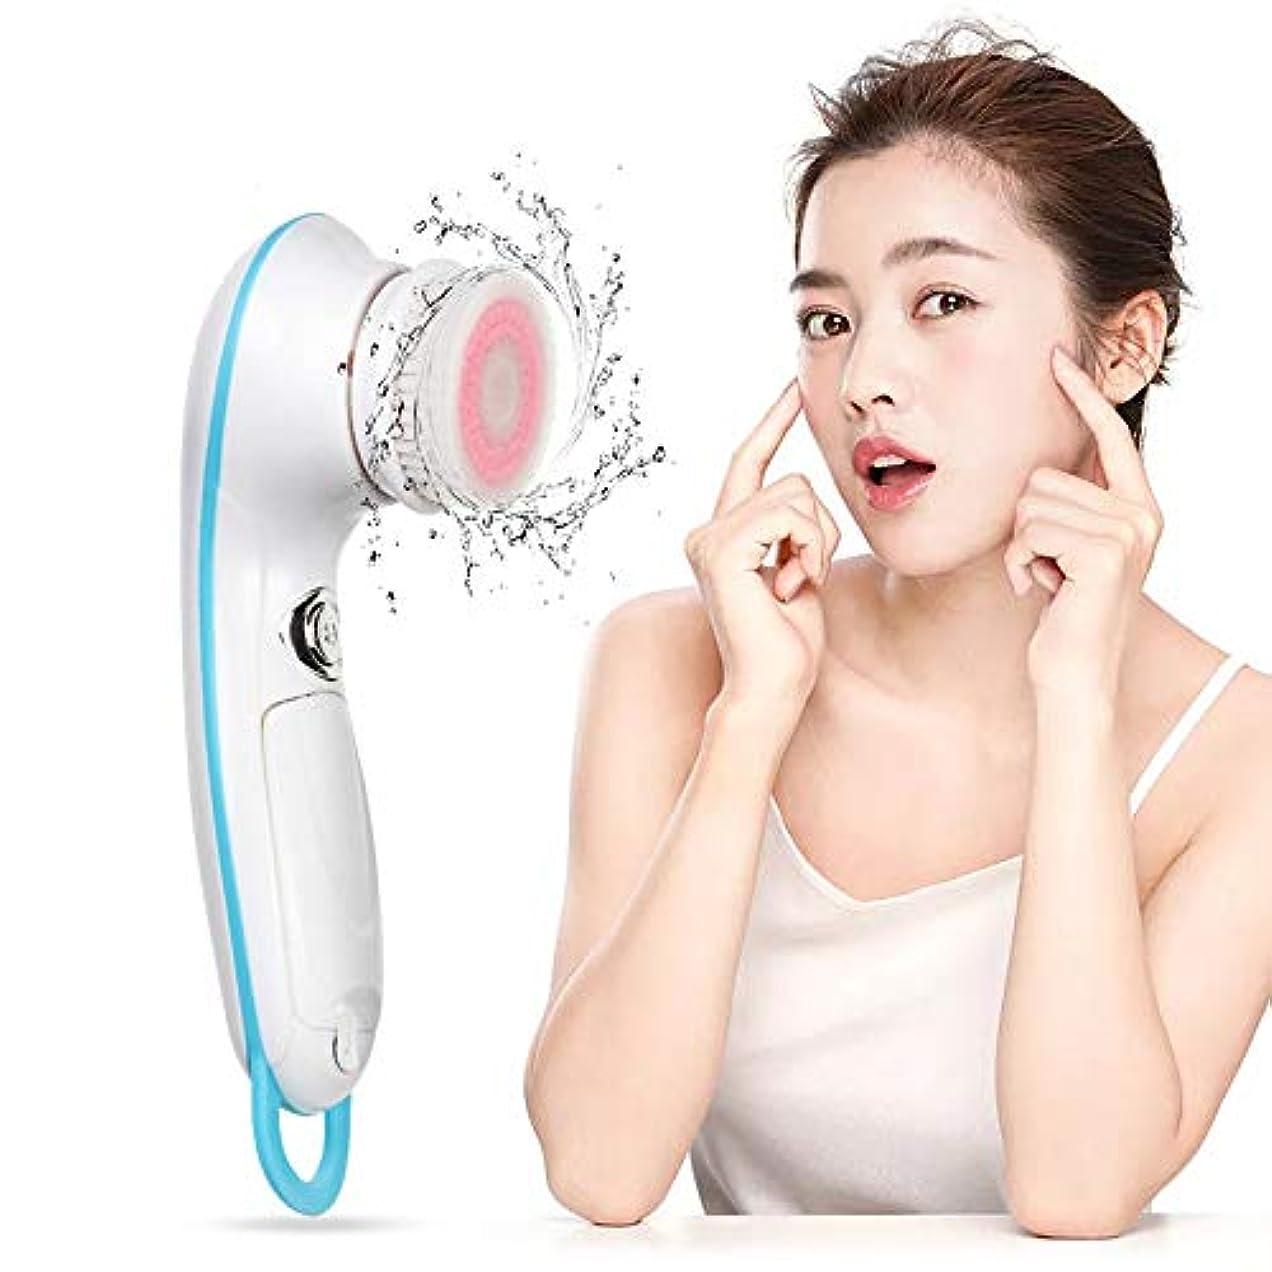 びっくりする雲結紮洗顔は、ブラックヘッドの取り外しとタイマーとのスキンクレンザーメイク除去フェイスマッサージをマッサージ、ディープクレンジング、エクスフォリエイティング用防水、電気ブラシ